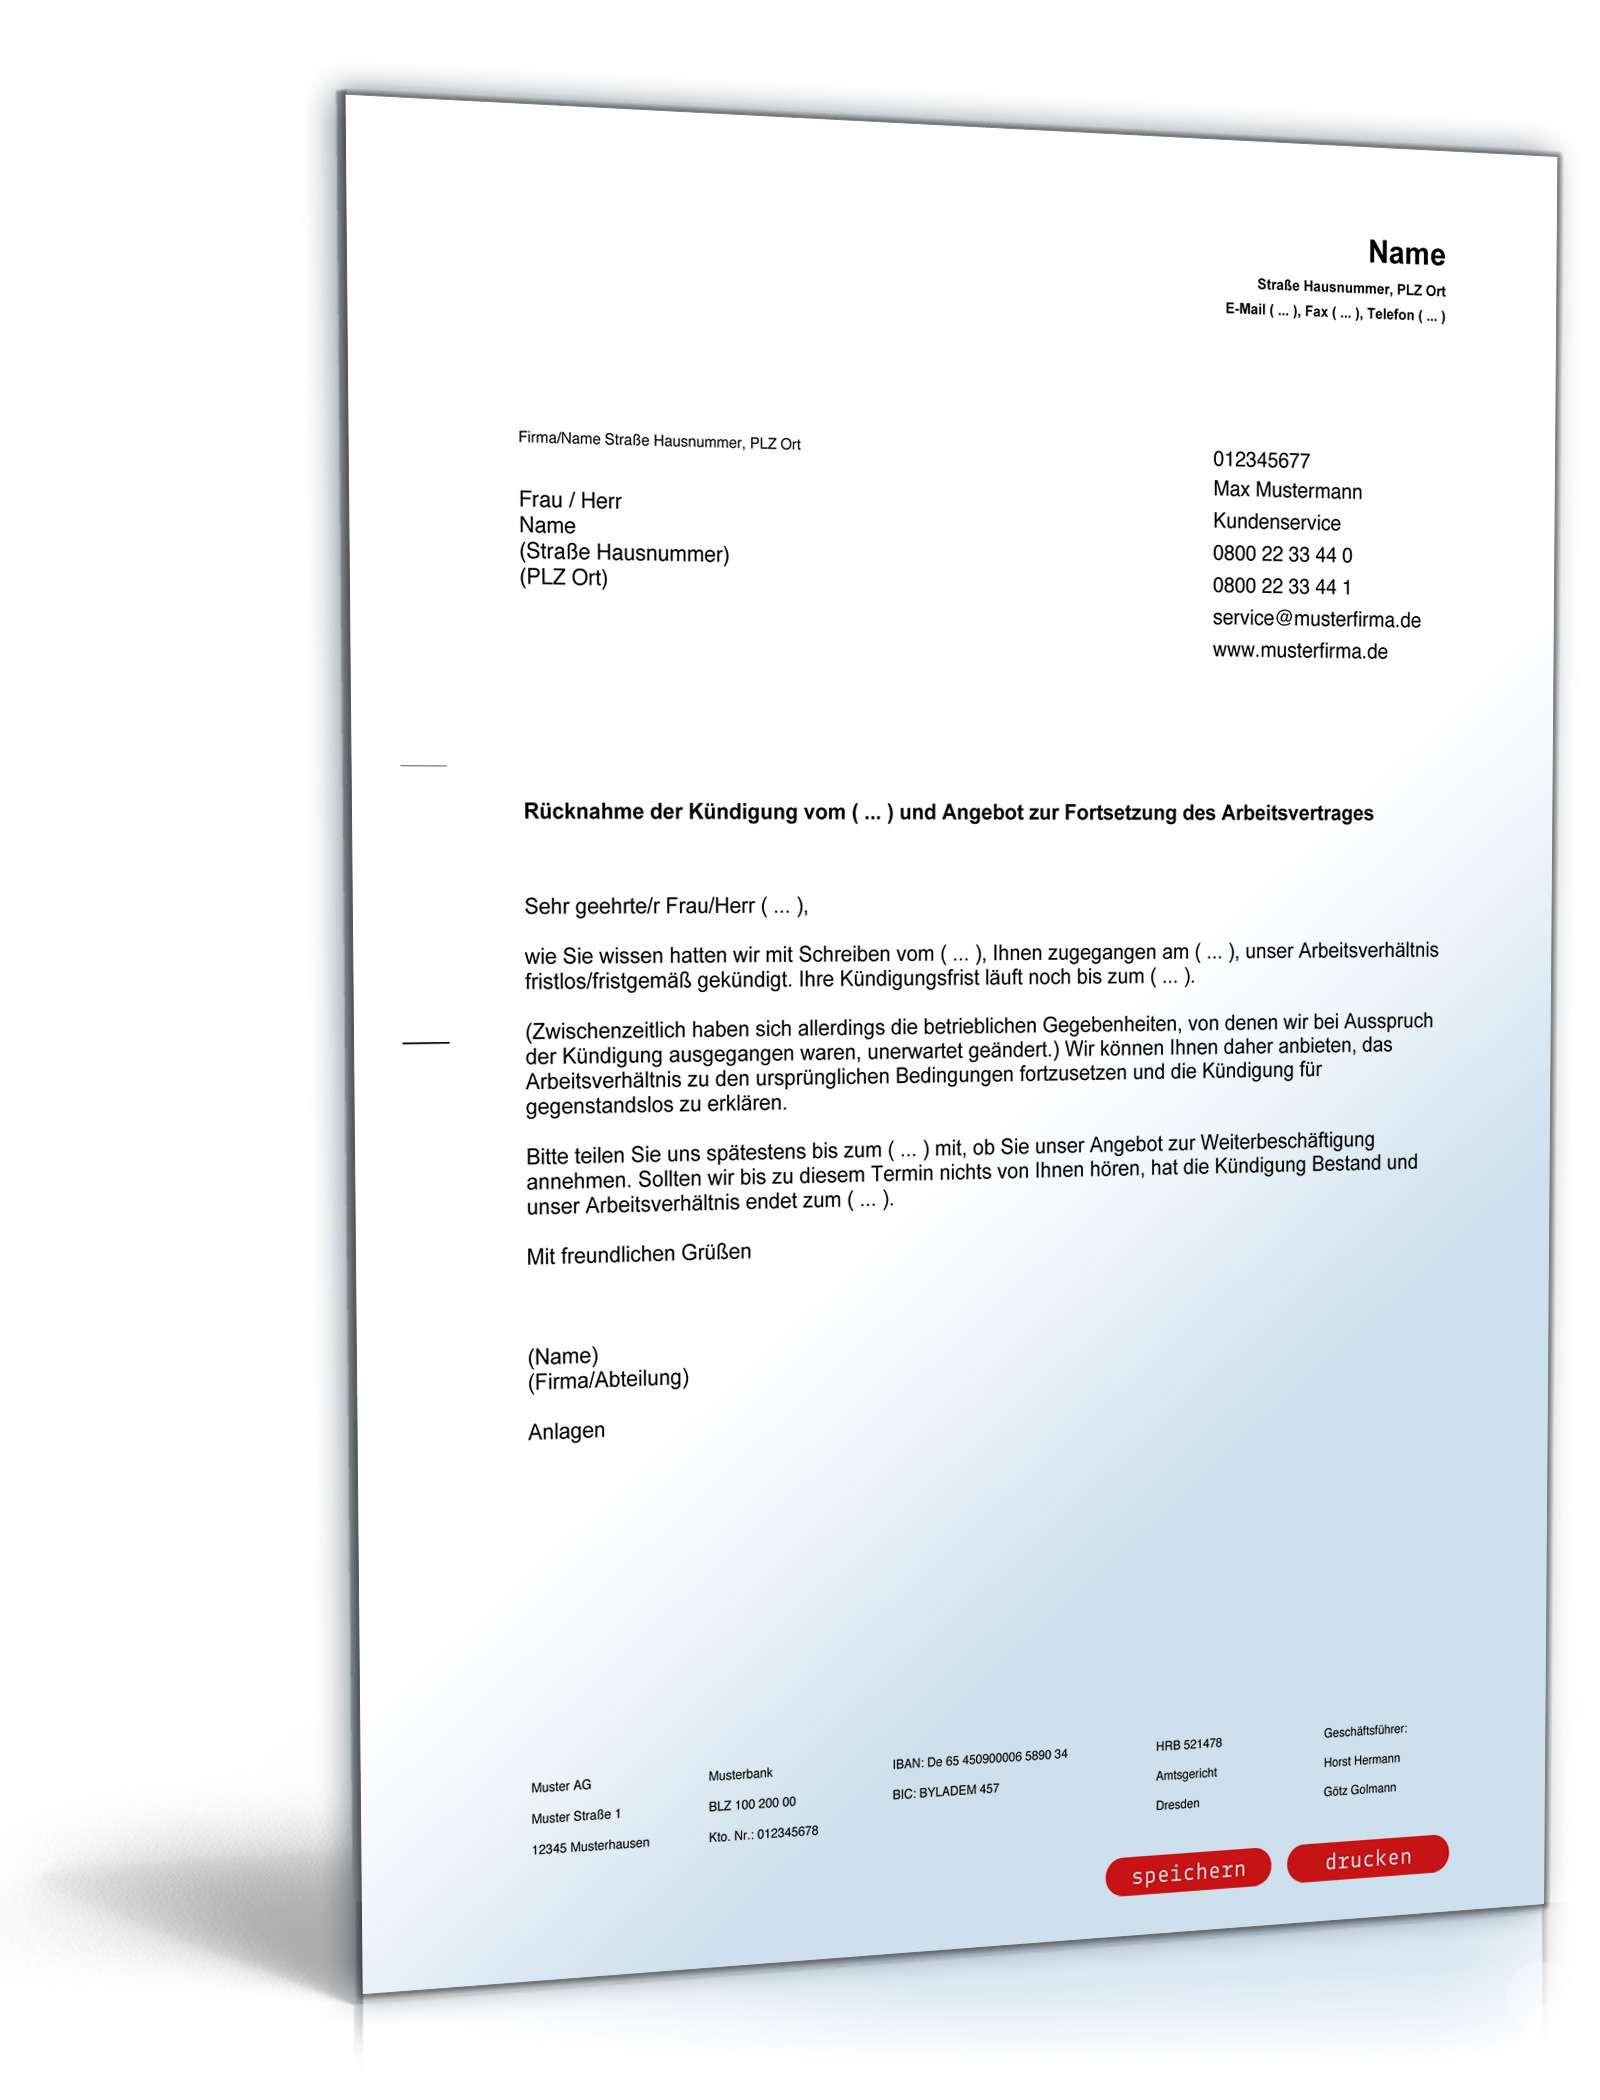 Rücknahme Kündigung Arbeitsvertrag Muster Zum Download